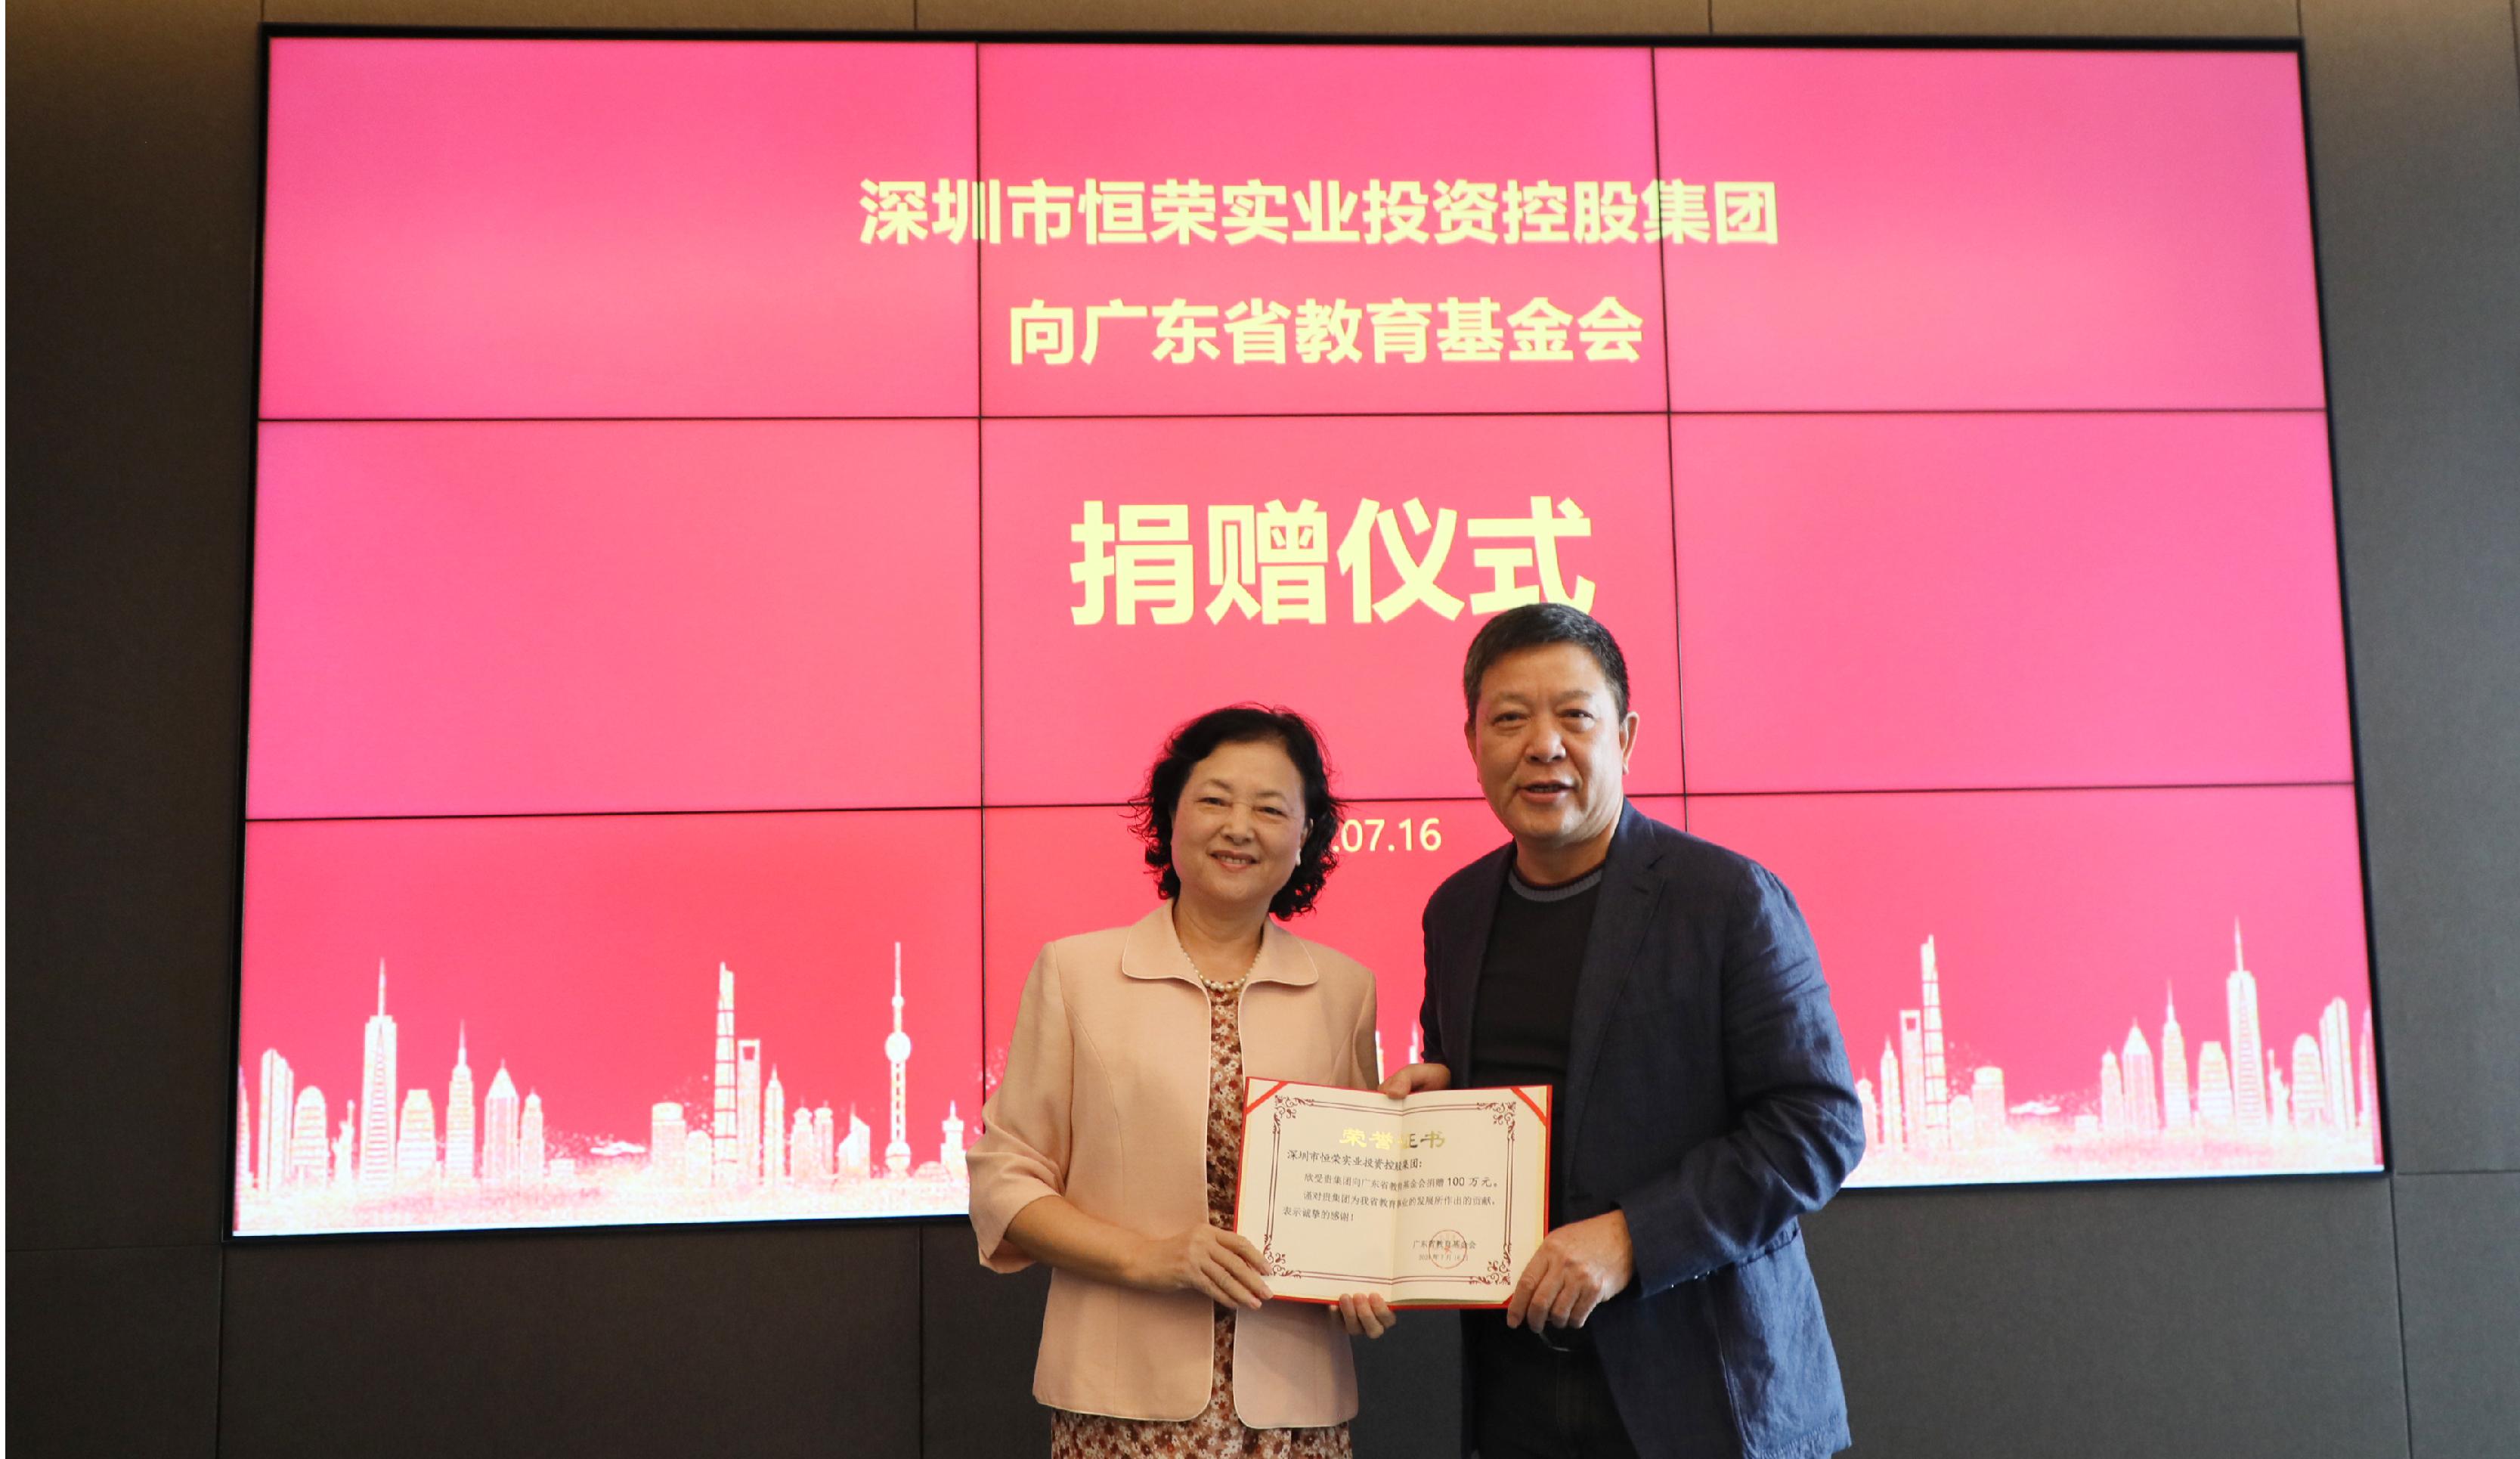 火狐体育官网集团向广东省教育基金会捐赠仪式圆满举行